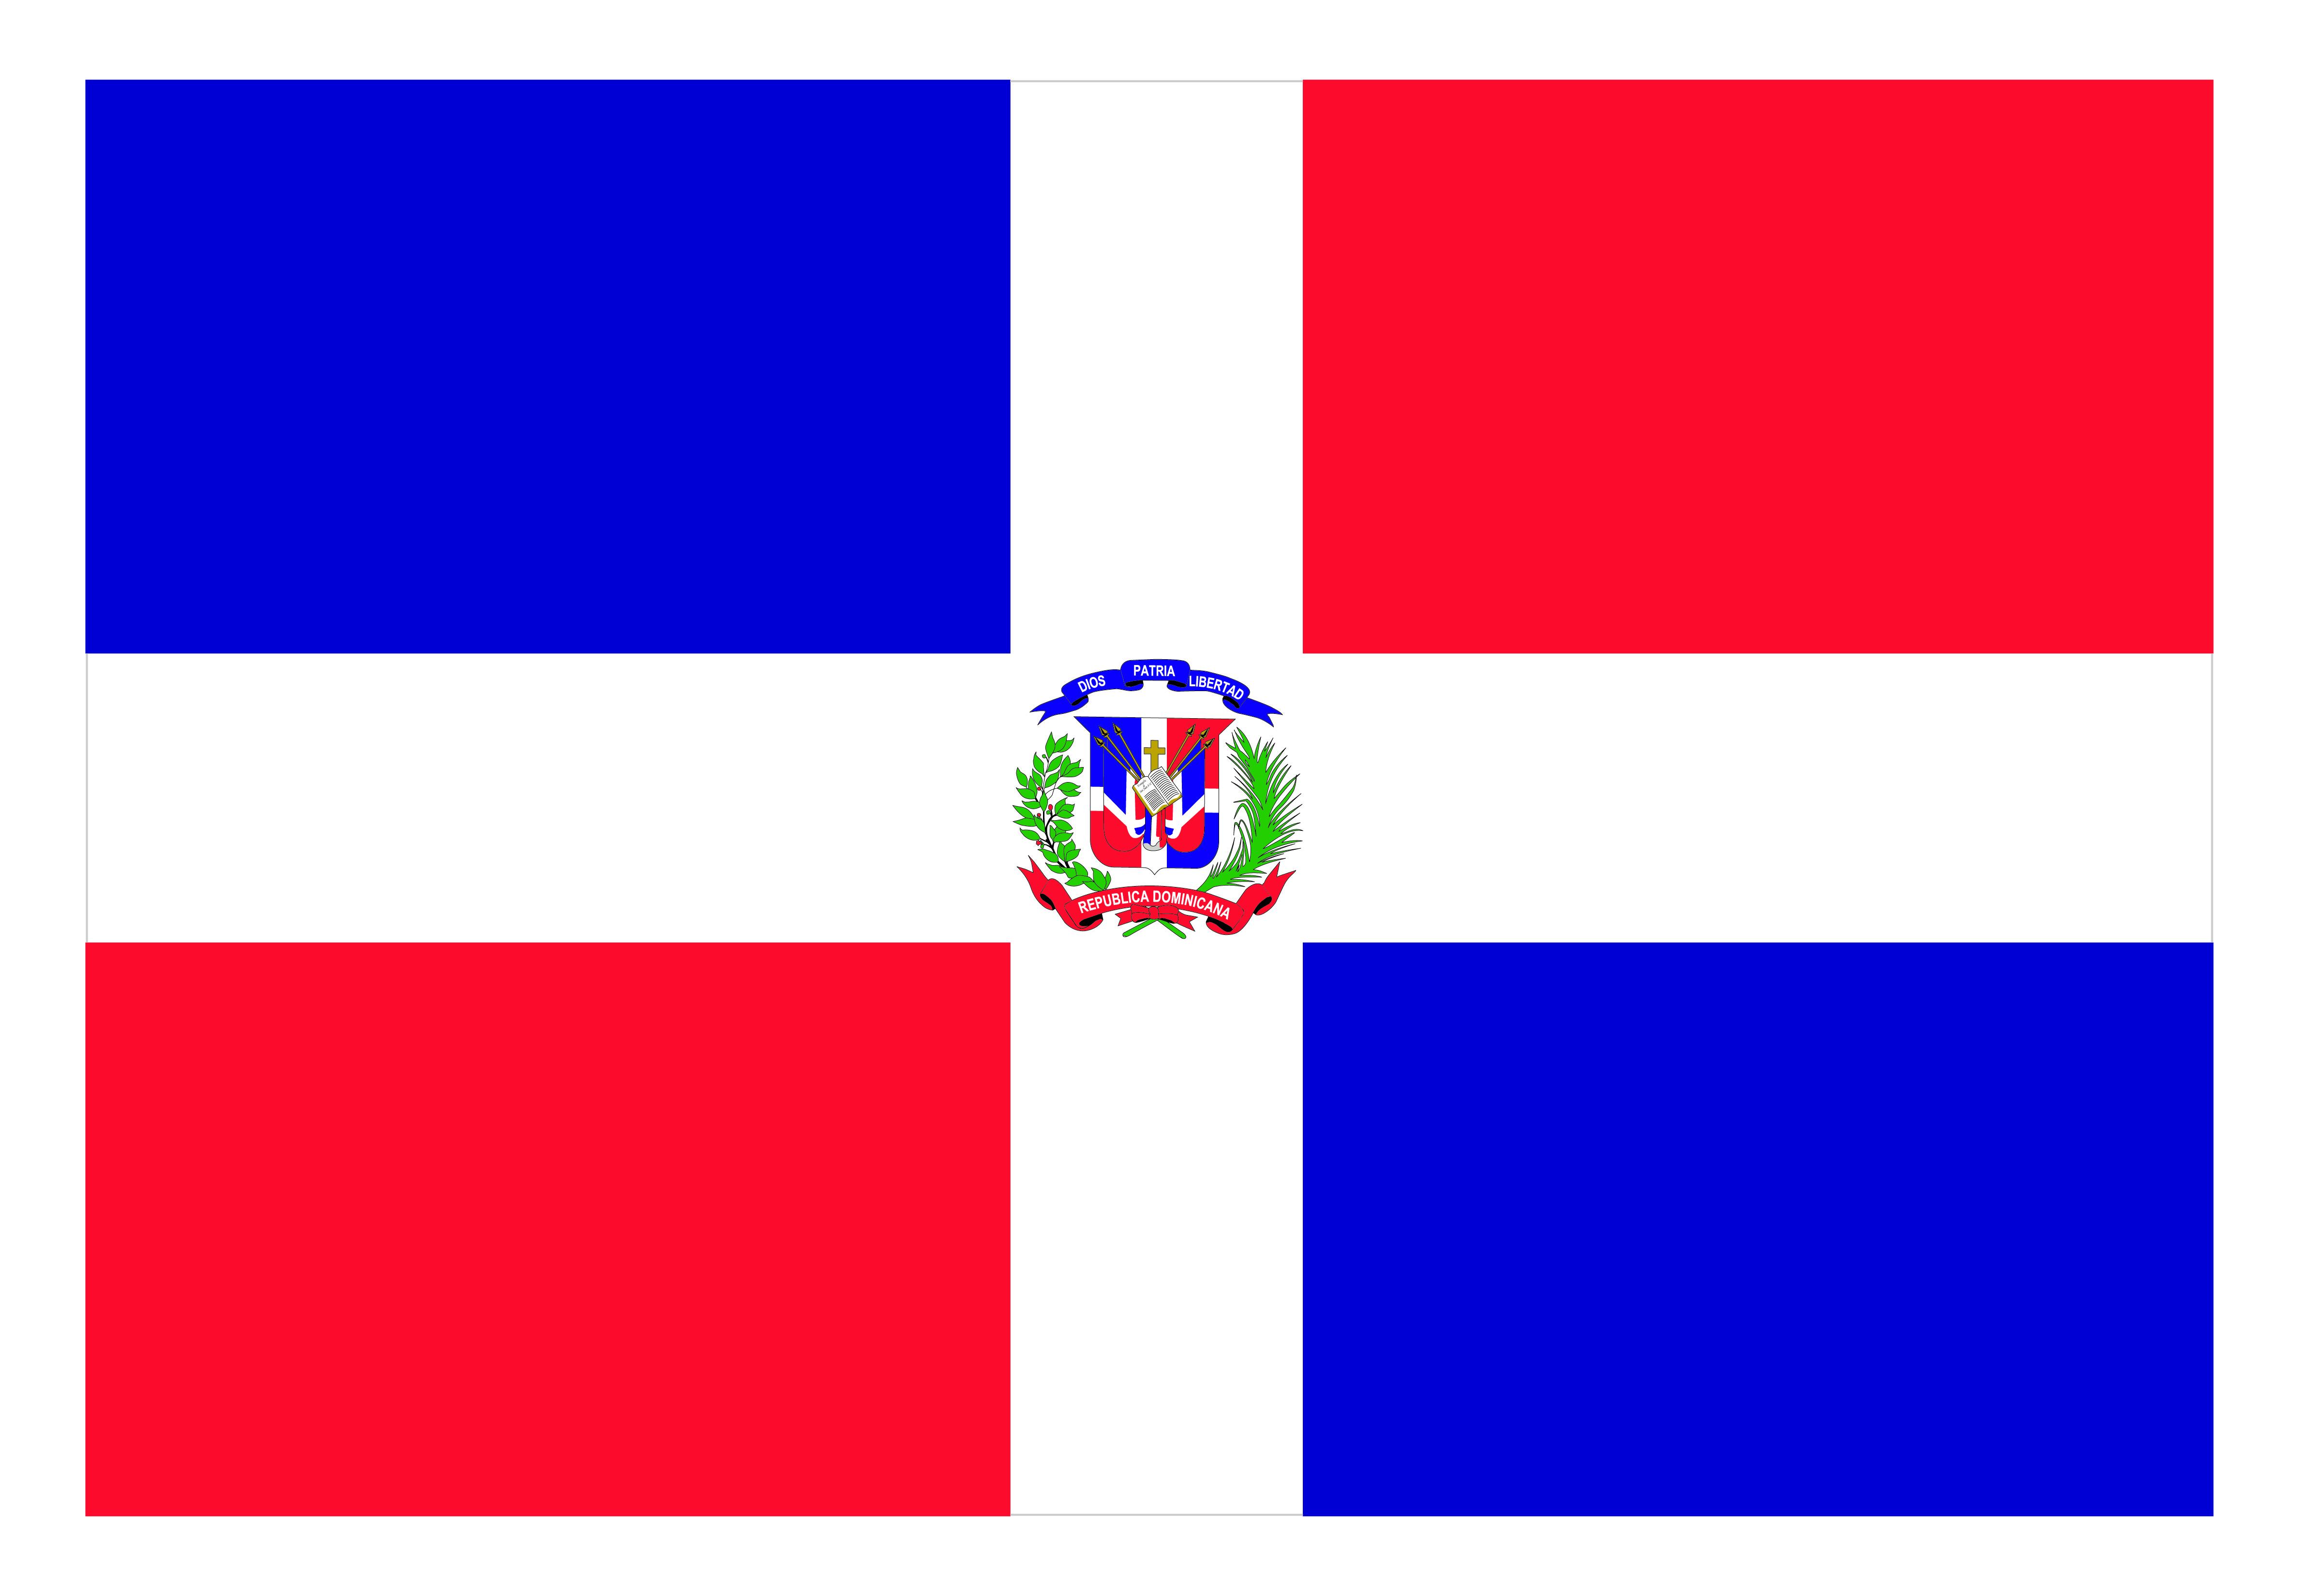 La bandera dominicana antonio g mez pe a - Fotos banera ...